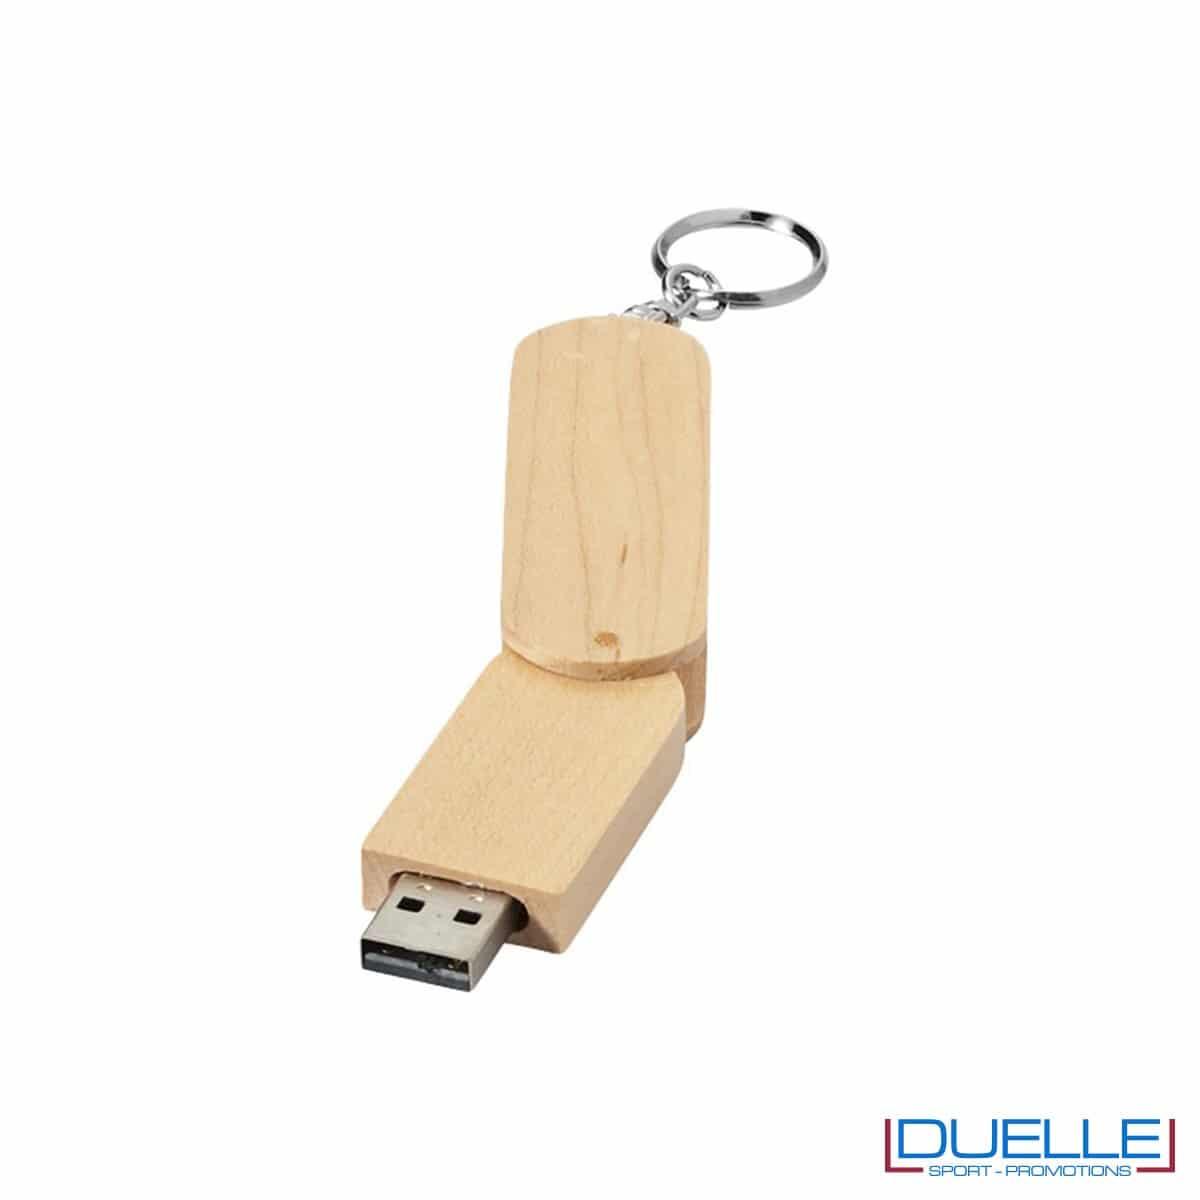 Memoria USB personalizzata con incisione in legno a rotazione